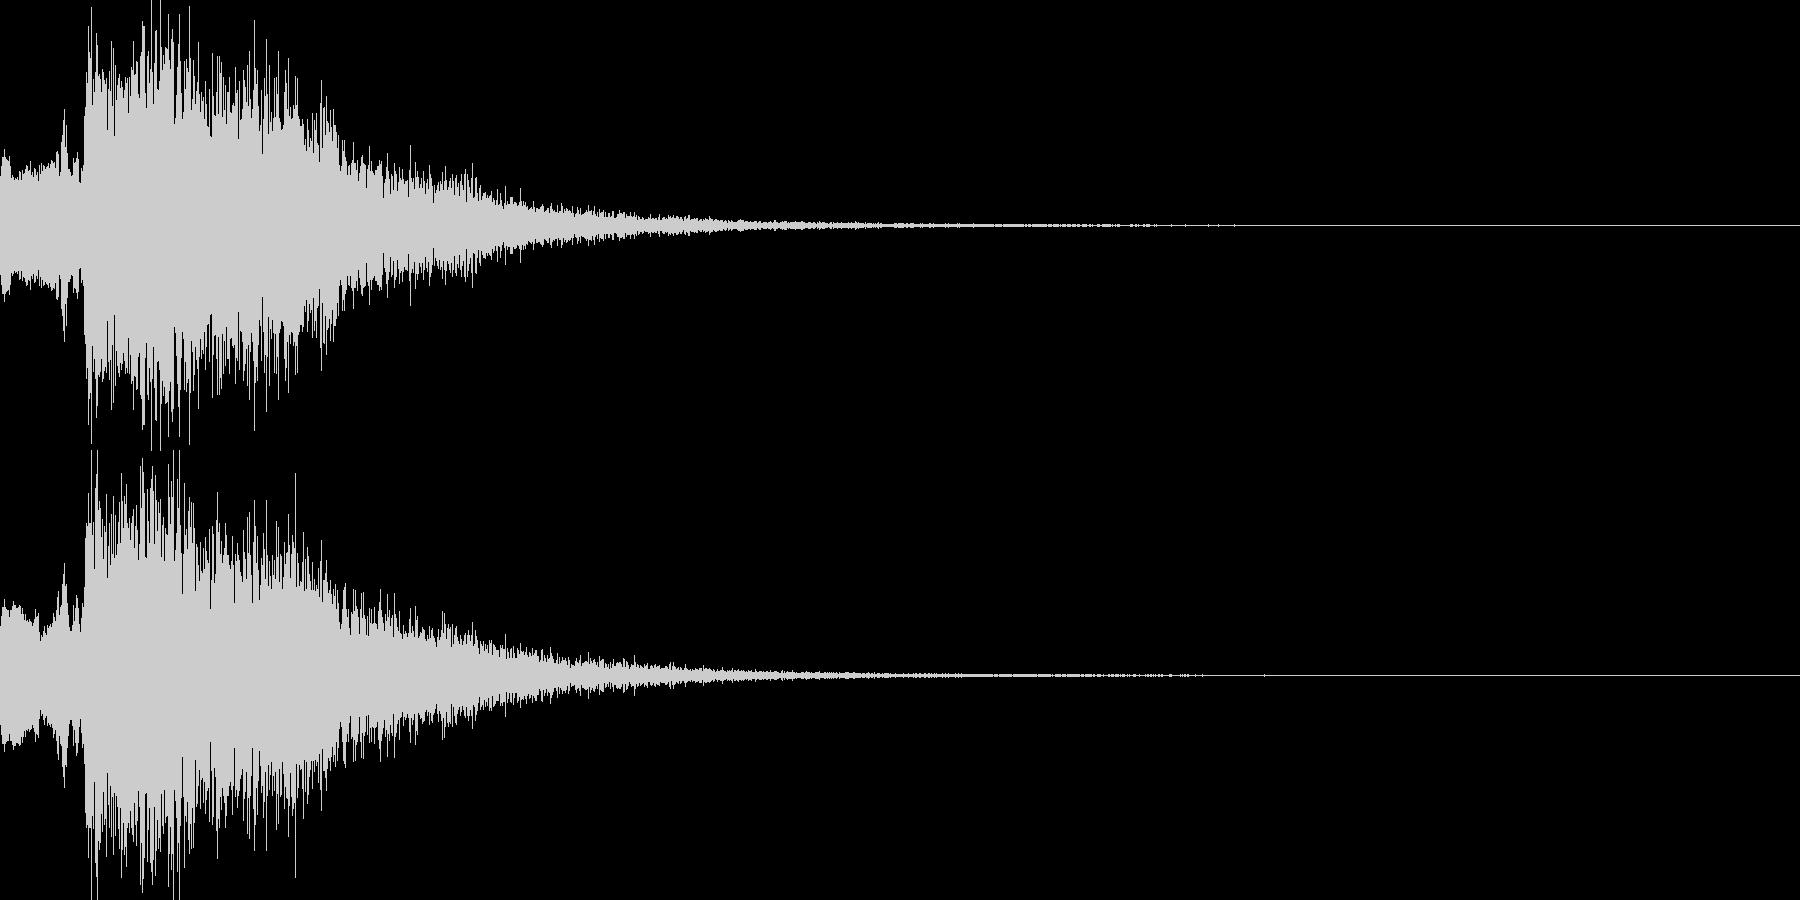 魔法音07_Aの未再生の波形